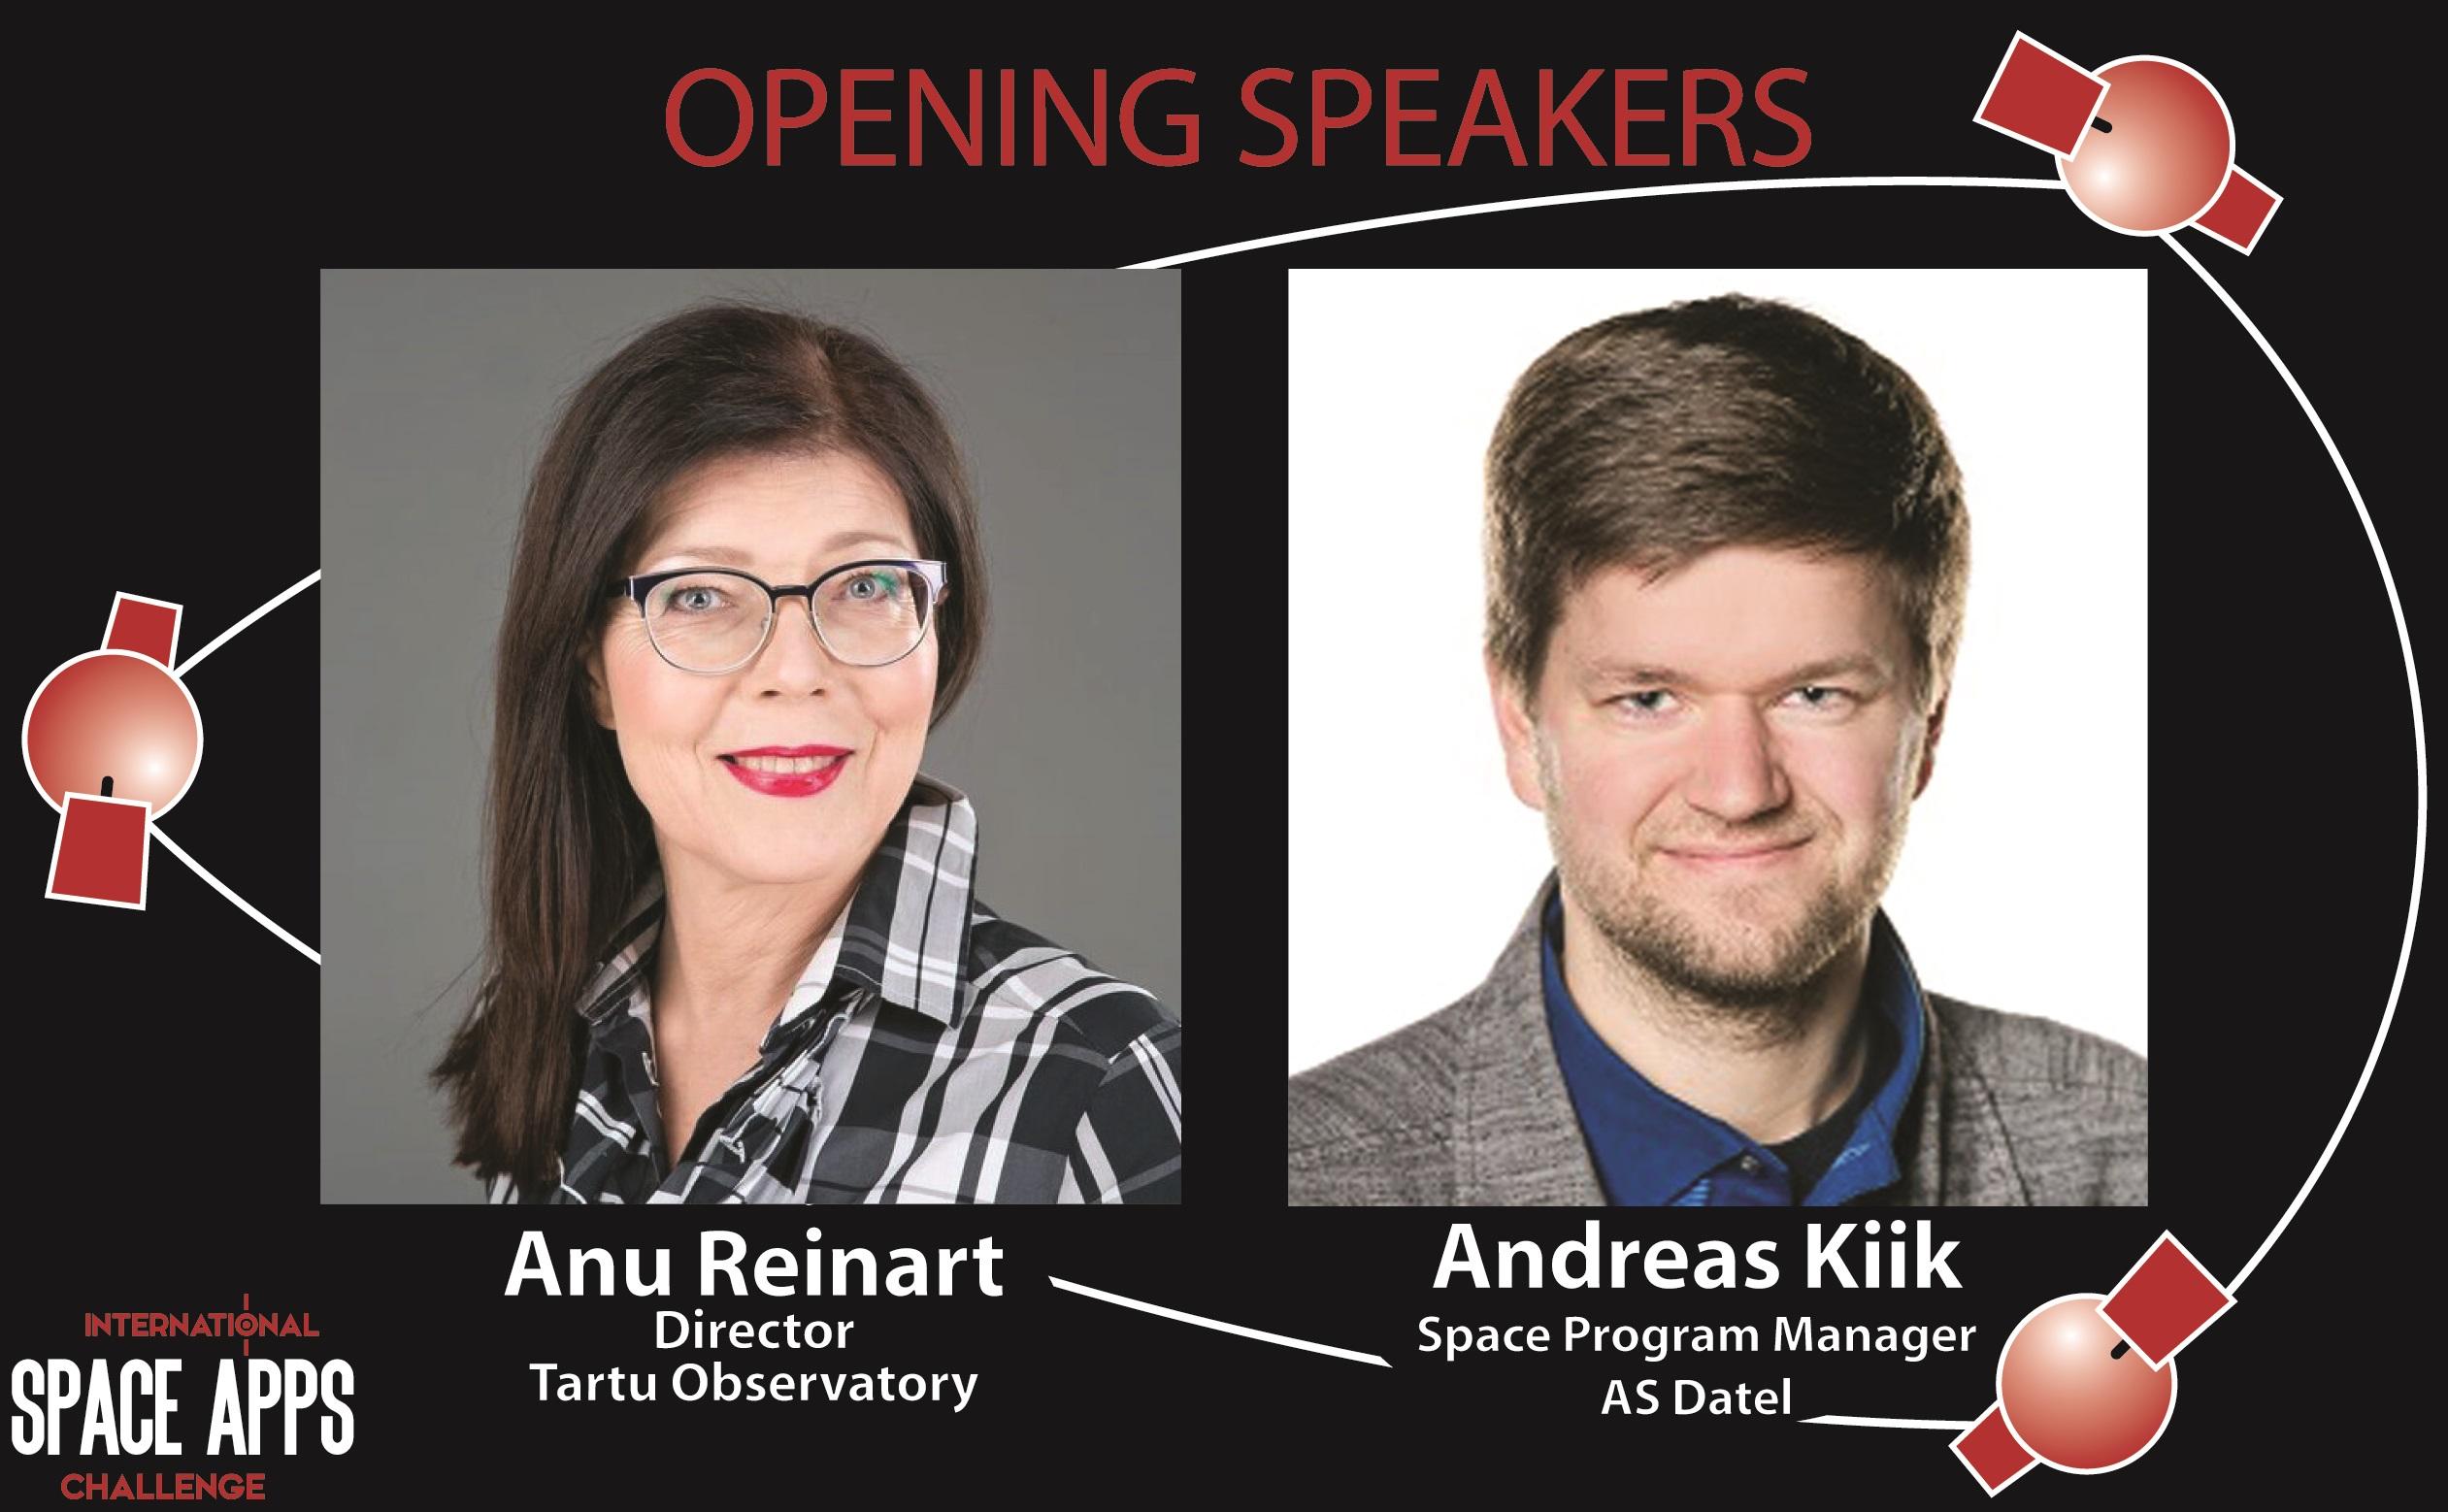 Opening Speakers